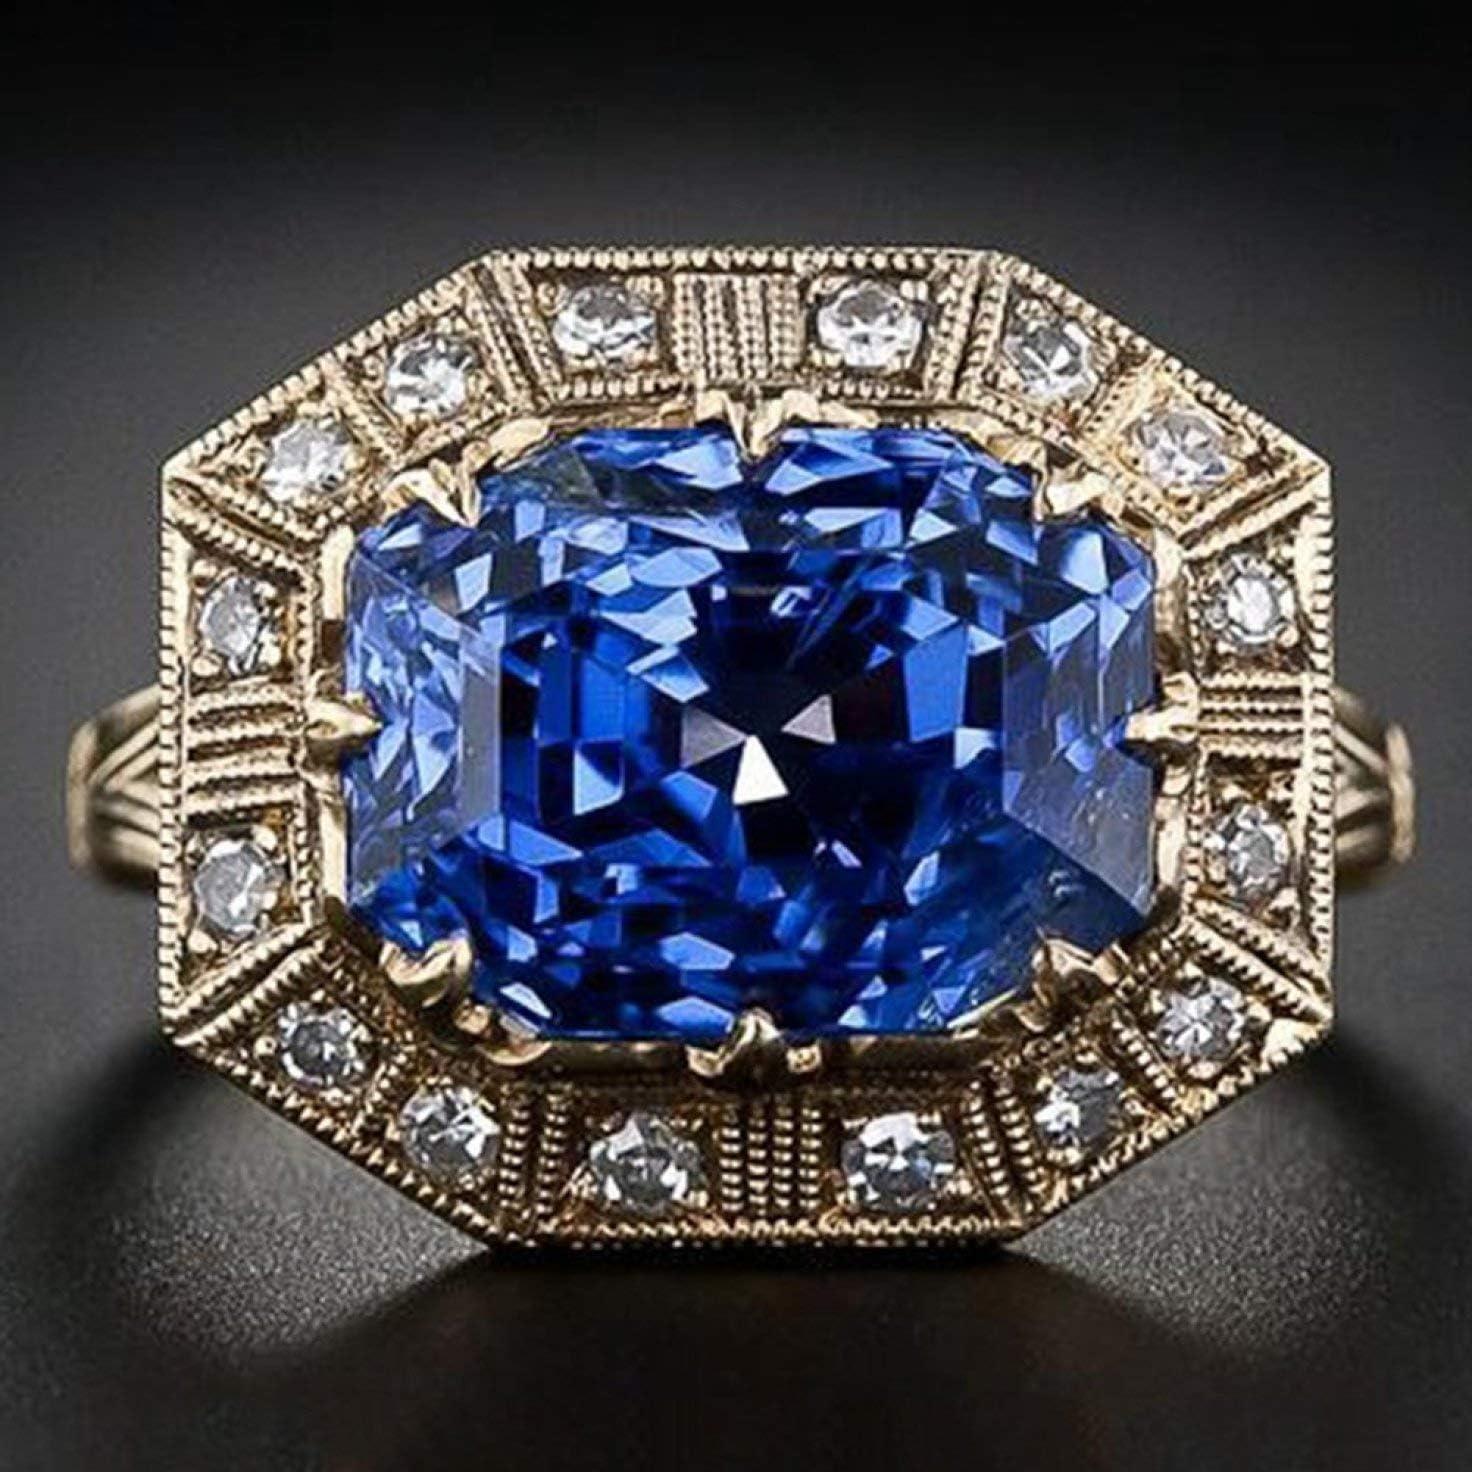 dfhdrtj Antiguo Joyería Arte Natural Zafiro Azul&Diamante Anillo con Piedra Preciosa Novia Boda Compromiso Anillo Joyería